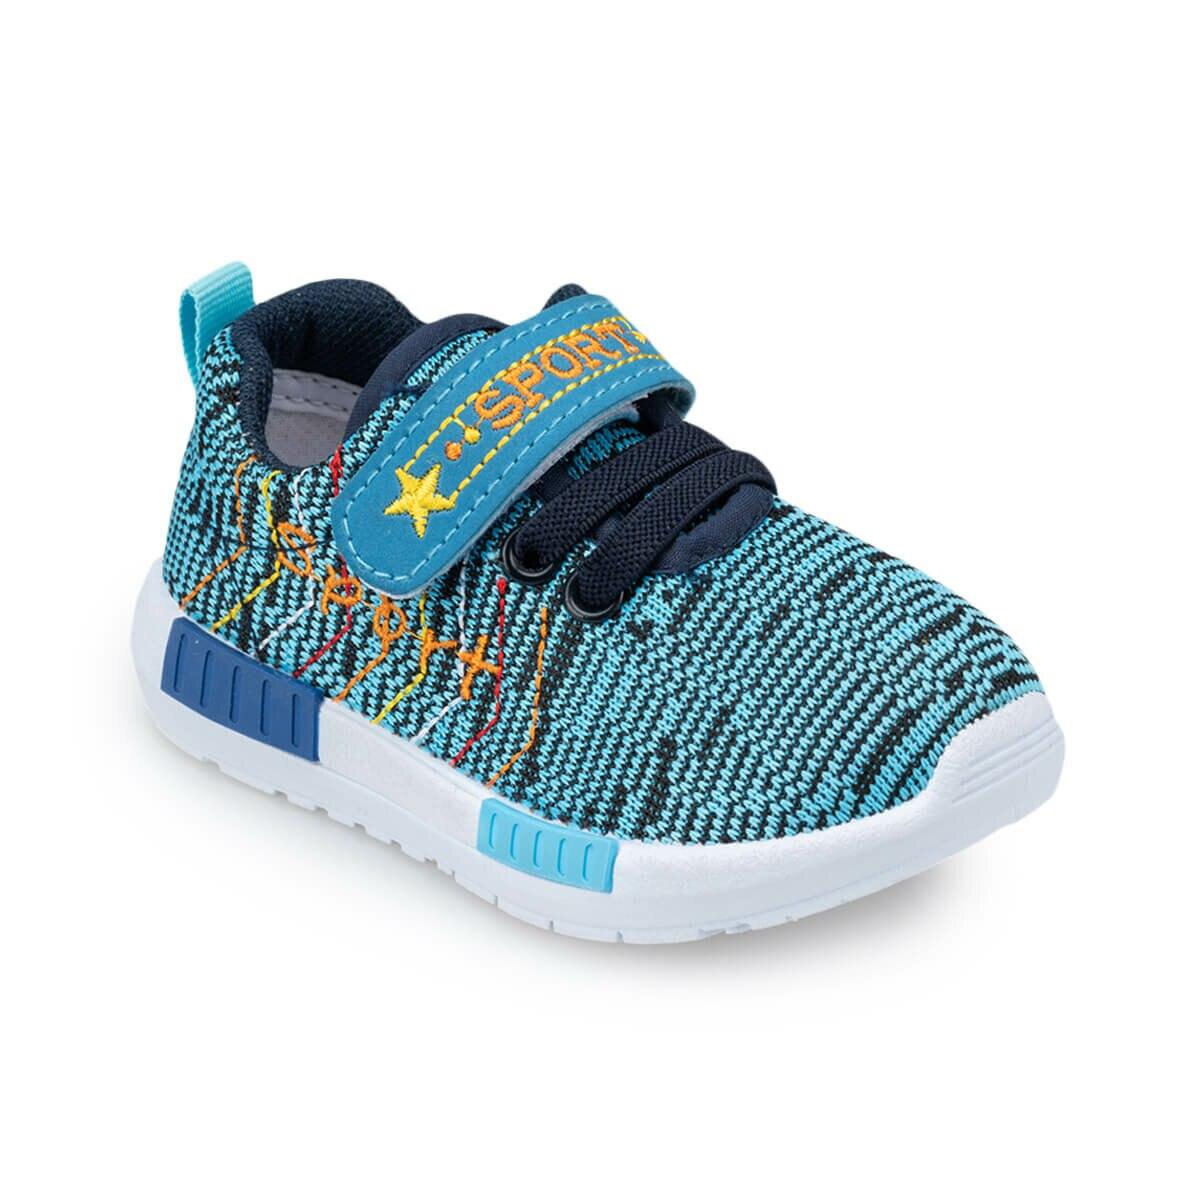 FLO 91.511062.I Blue Male Child Sport Shoes Polaris